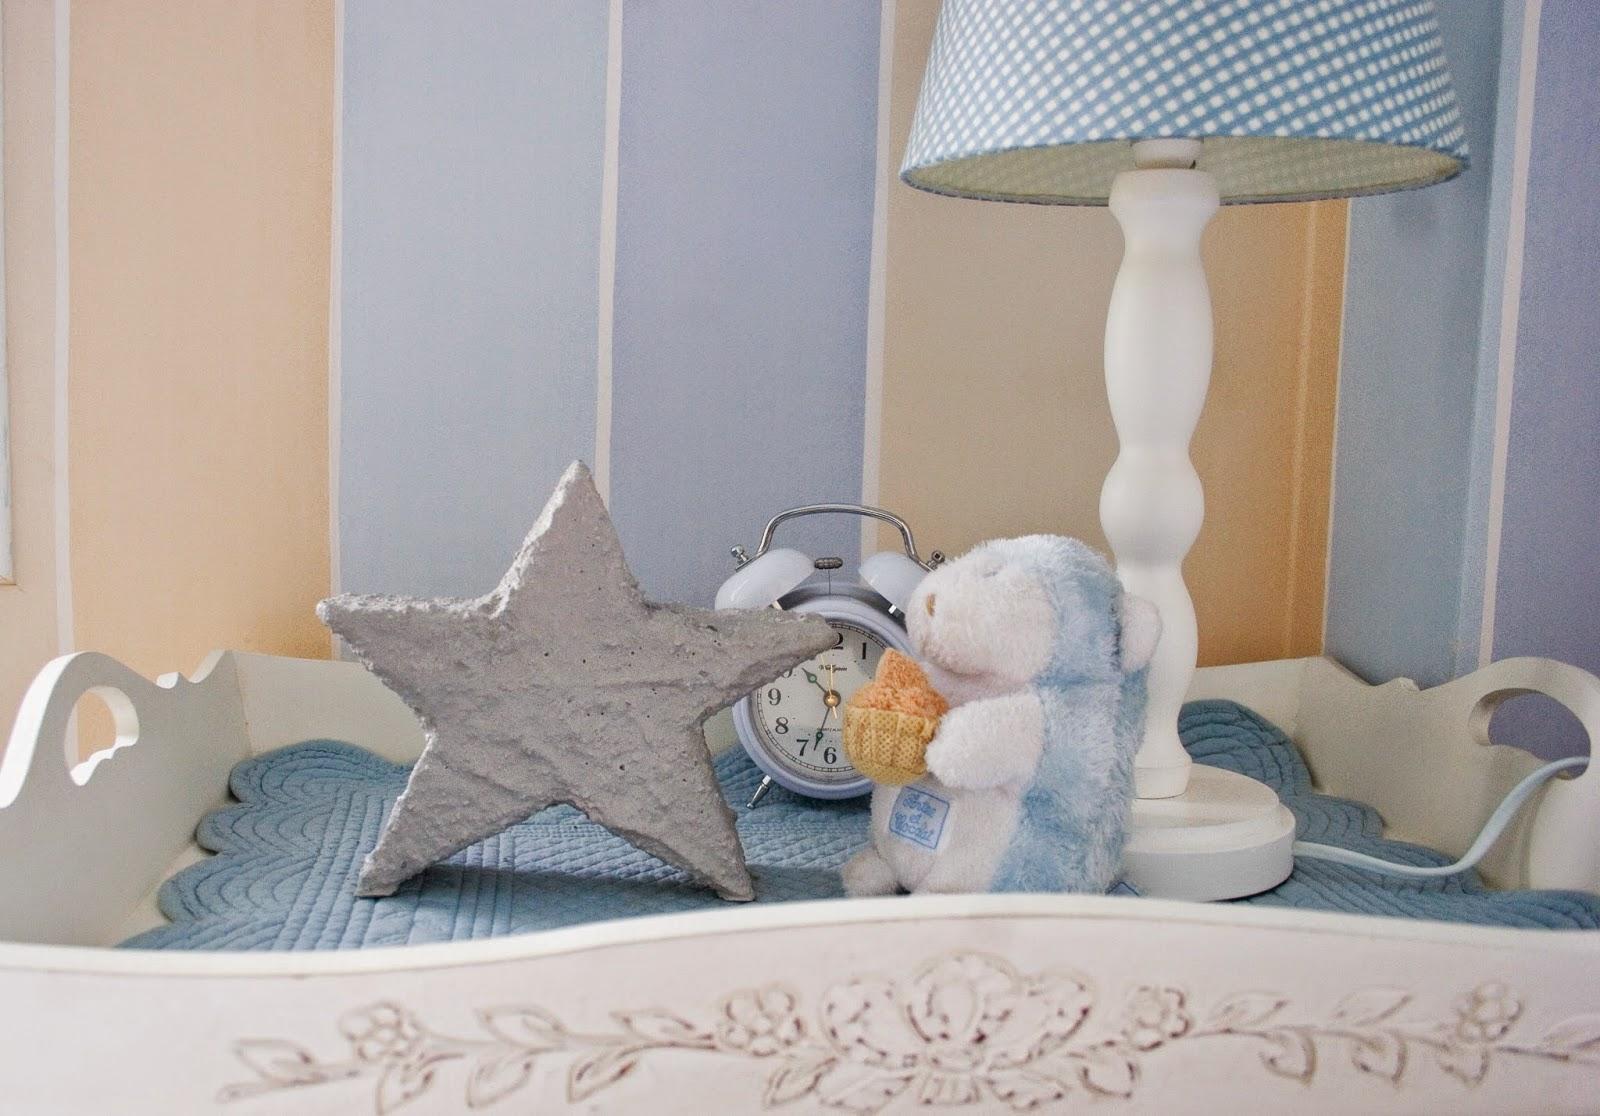 Diy estrella de cemento con espuma floral | DEF Deco - Decorar en familia5